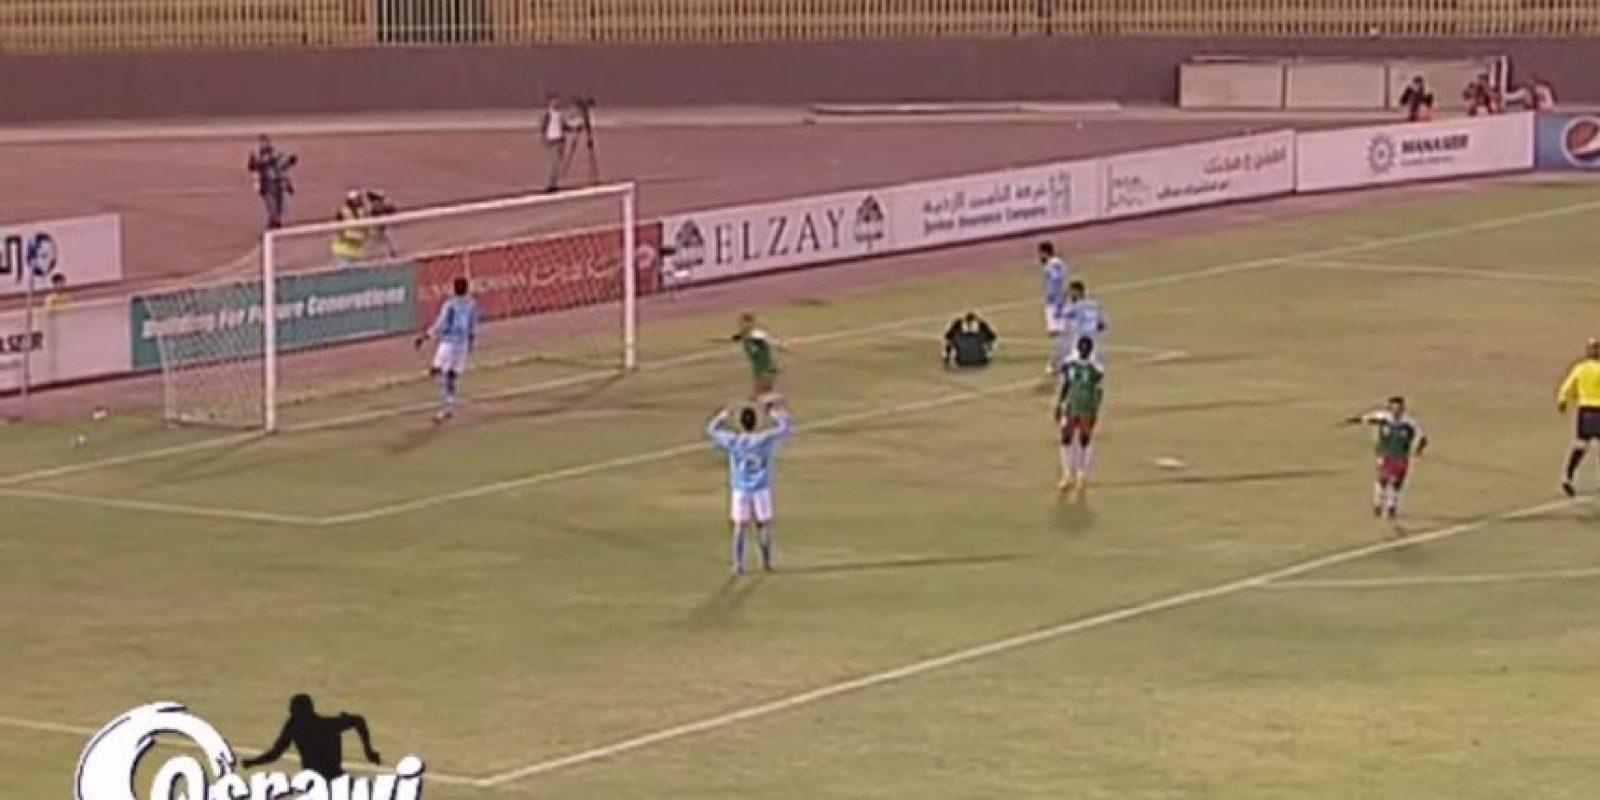 Primero atajó con los pies Foto:Youtube: mohammad qsrawi